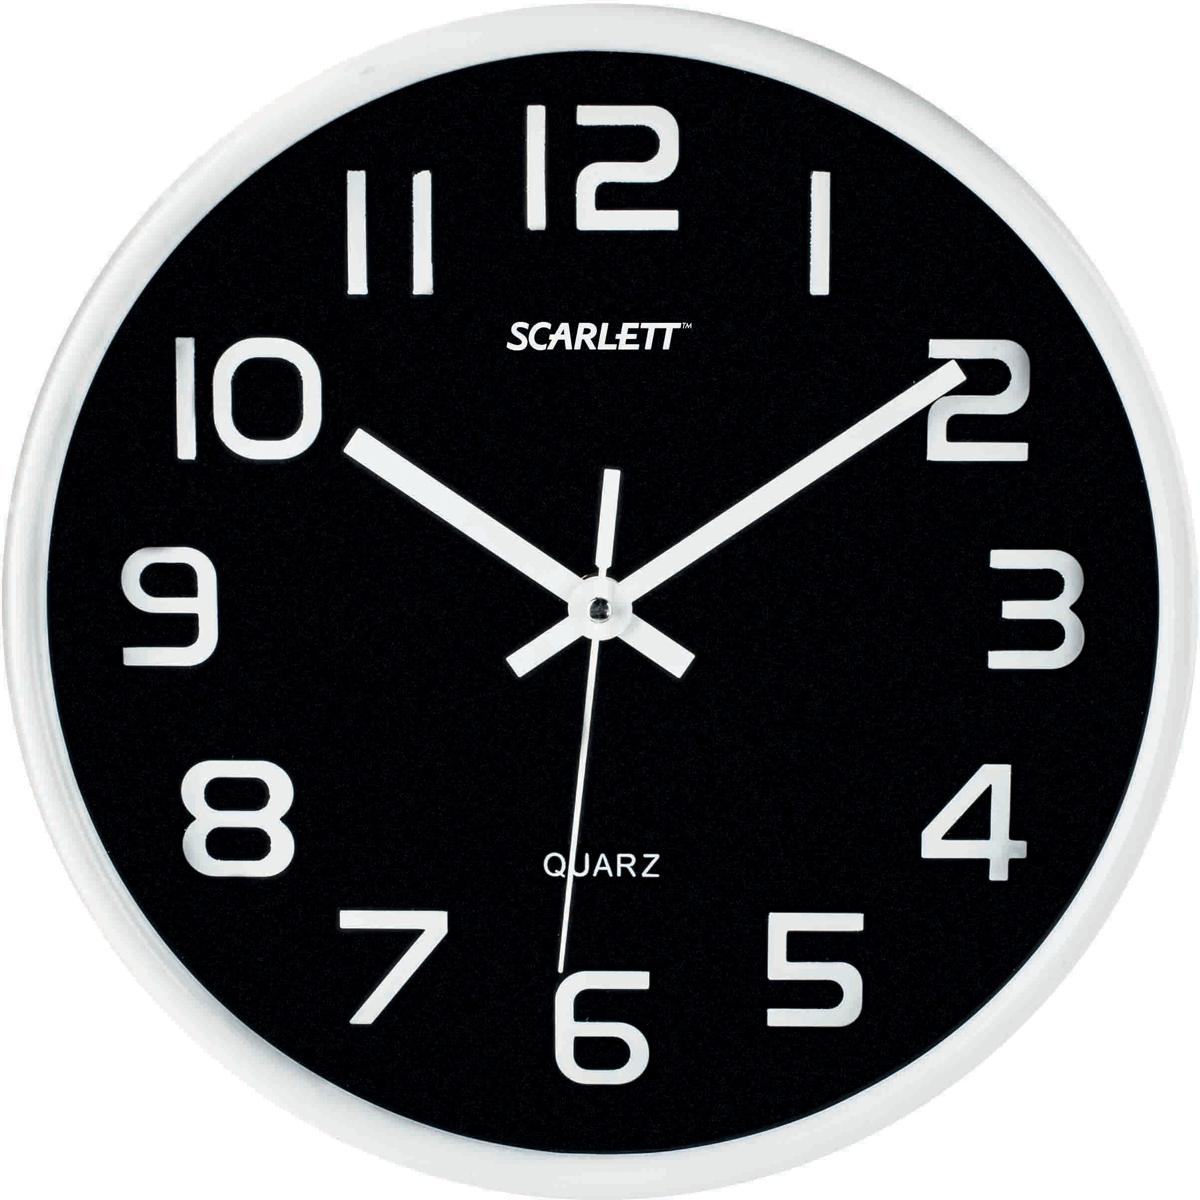 Scarlett SC-WC1001O часы настенныеSC-WC1001OЭлемент питания: тип АА 1.5V (в комплект не входит Период работы от одного элемента: 12 месяцев Относительная влажность помещения от 30% до 80% Температура: от 1°С до 45°С Материал корпуса - пластик Плавный бесшумный ход